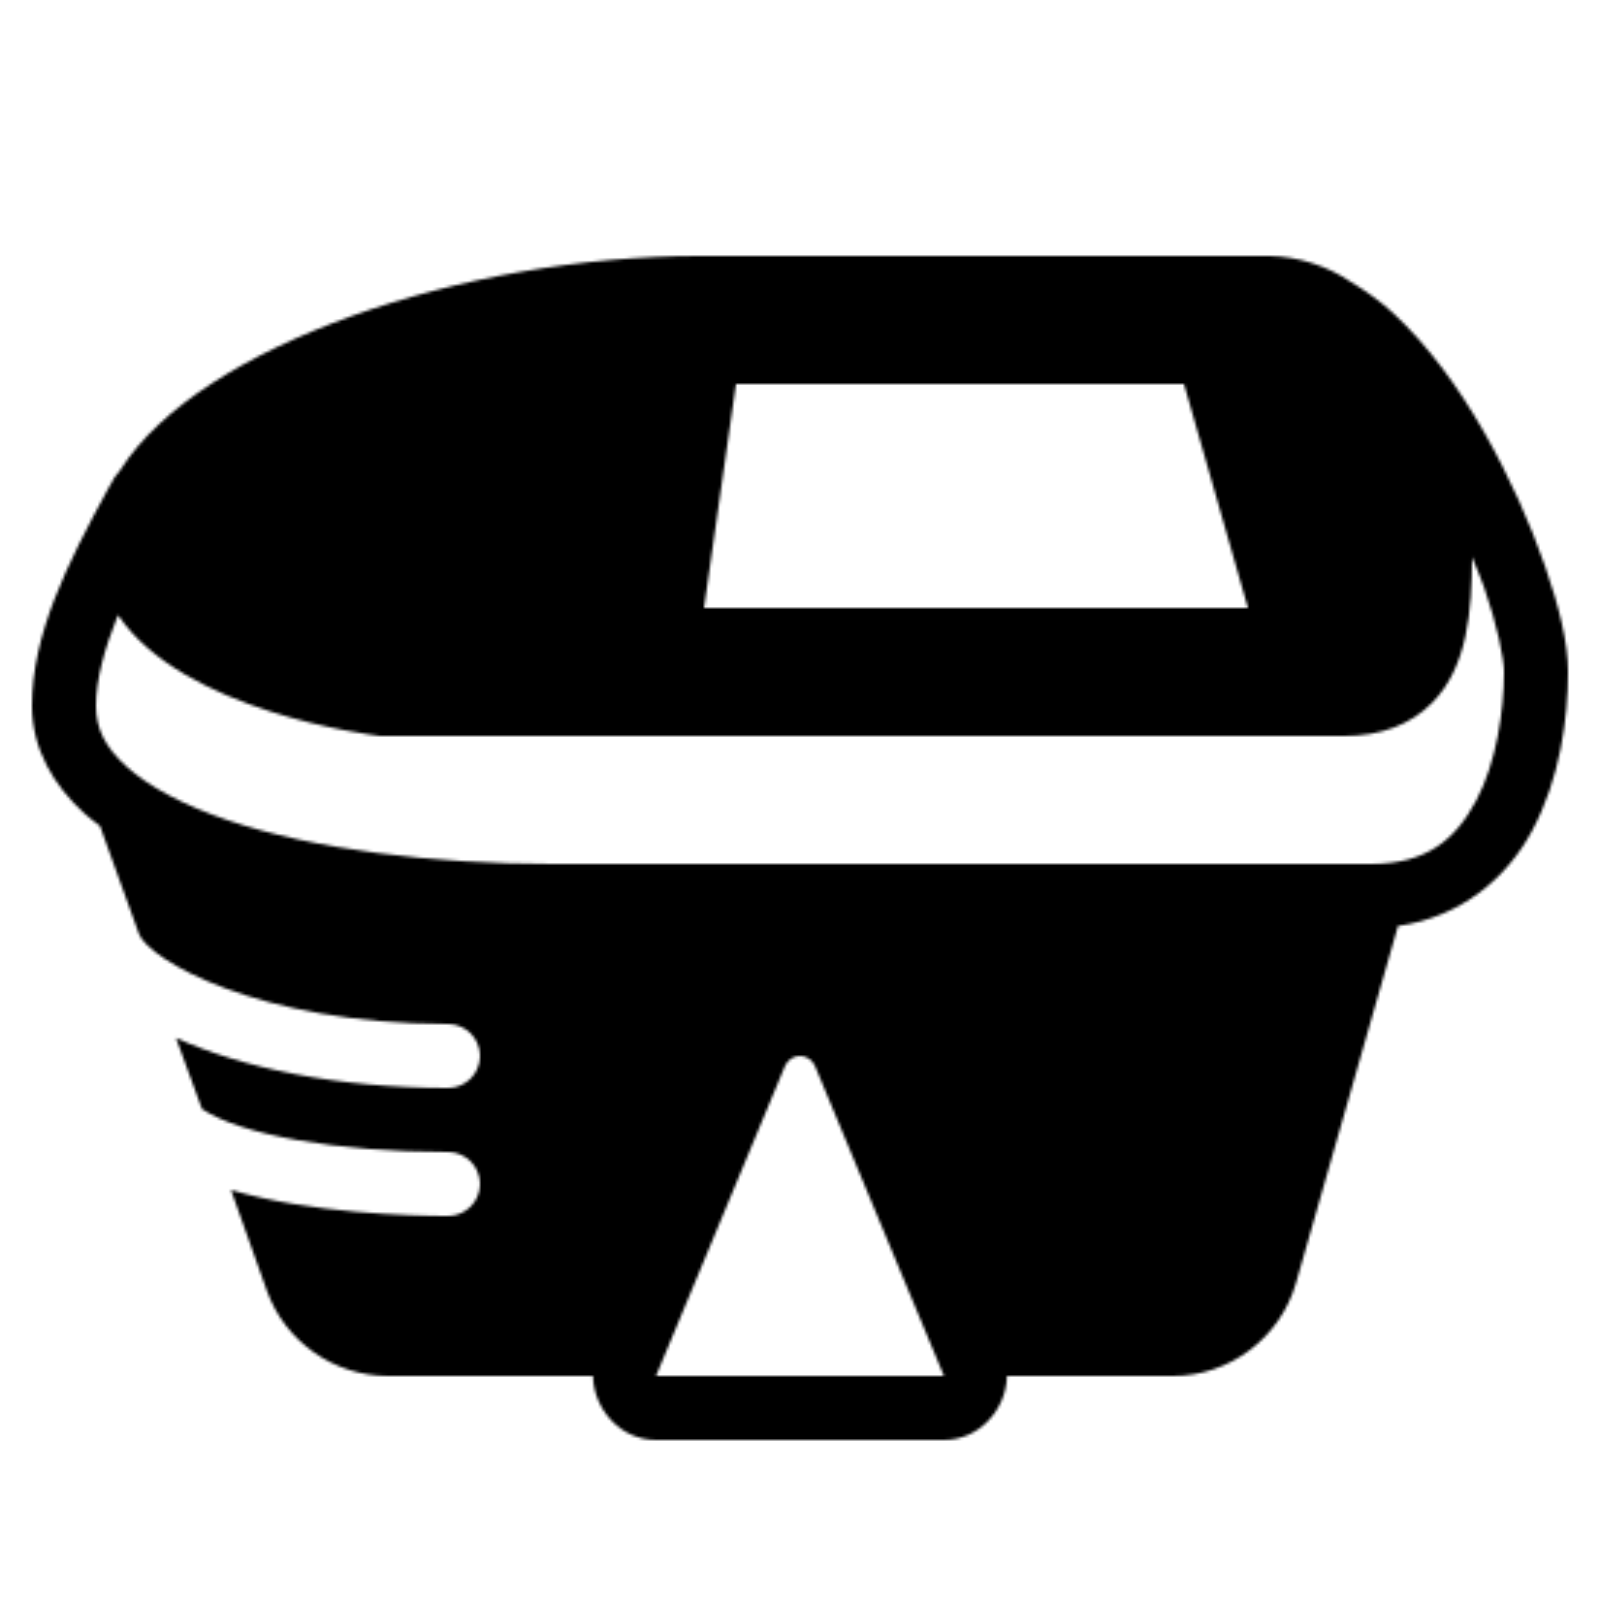 Спектрофотометр icon